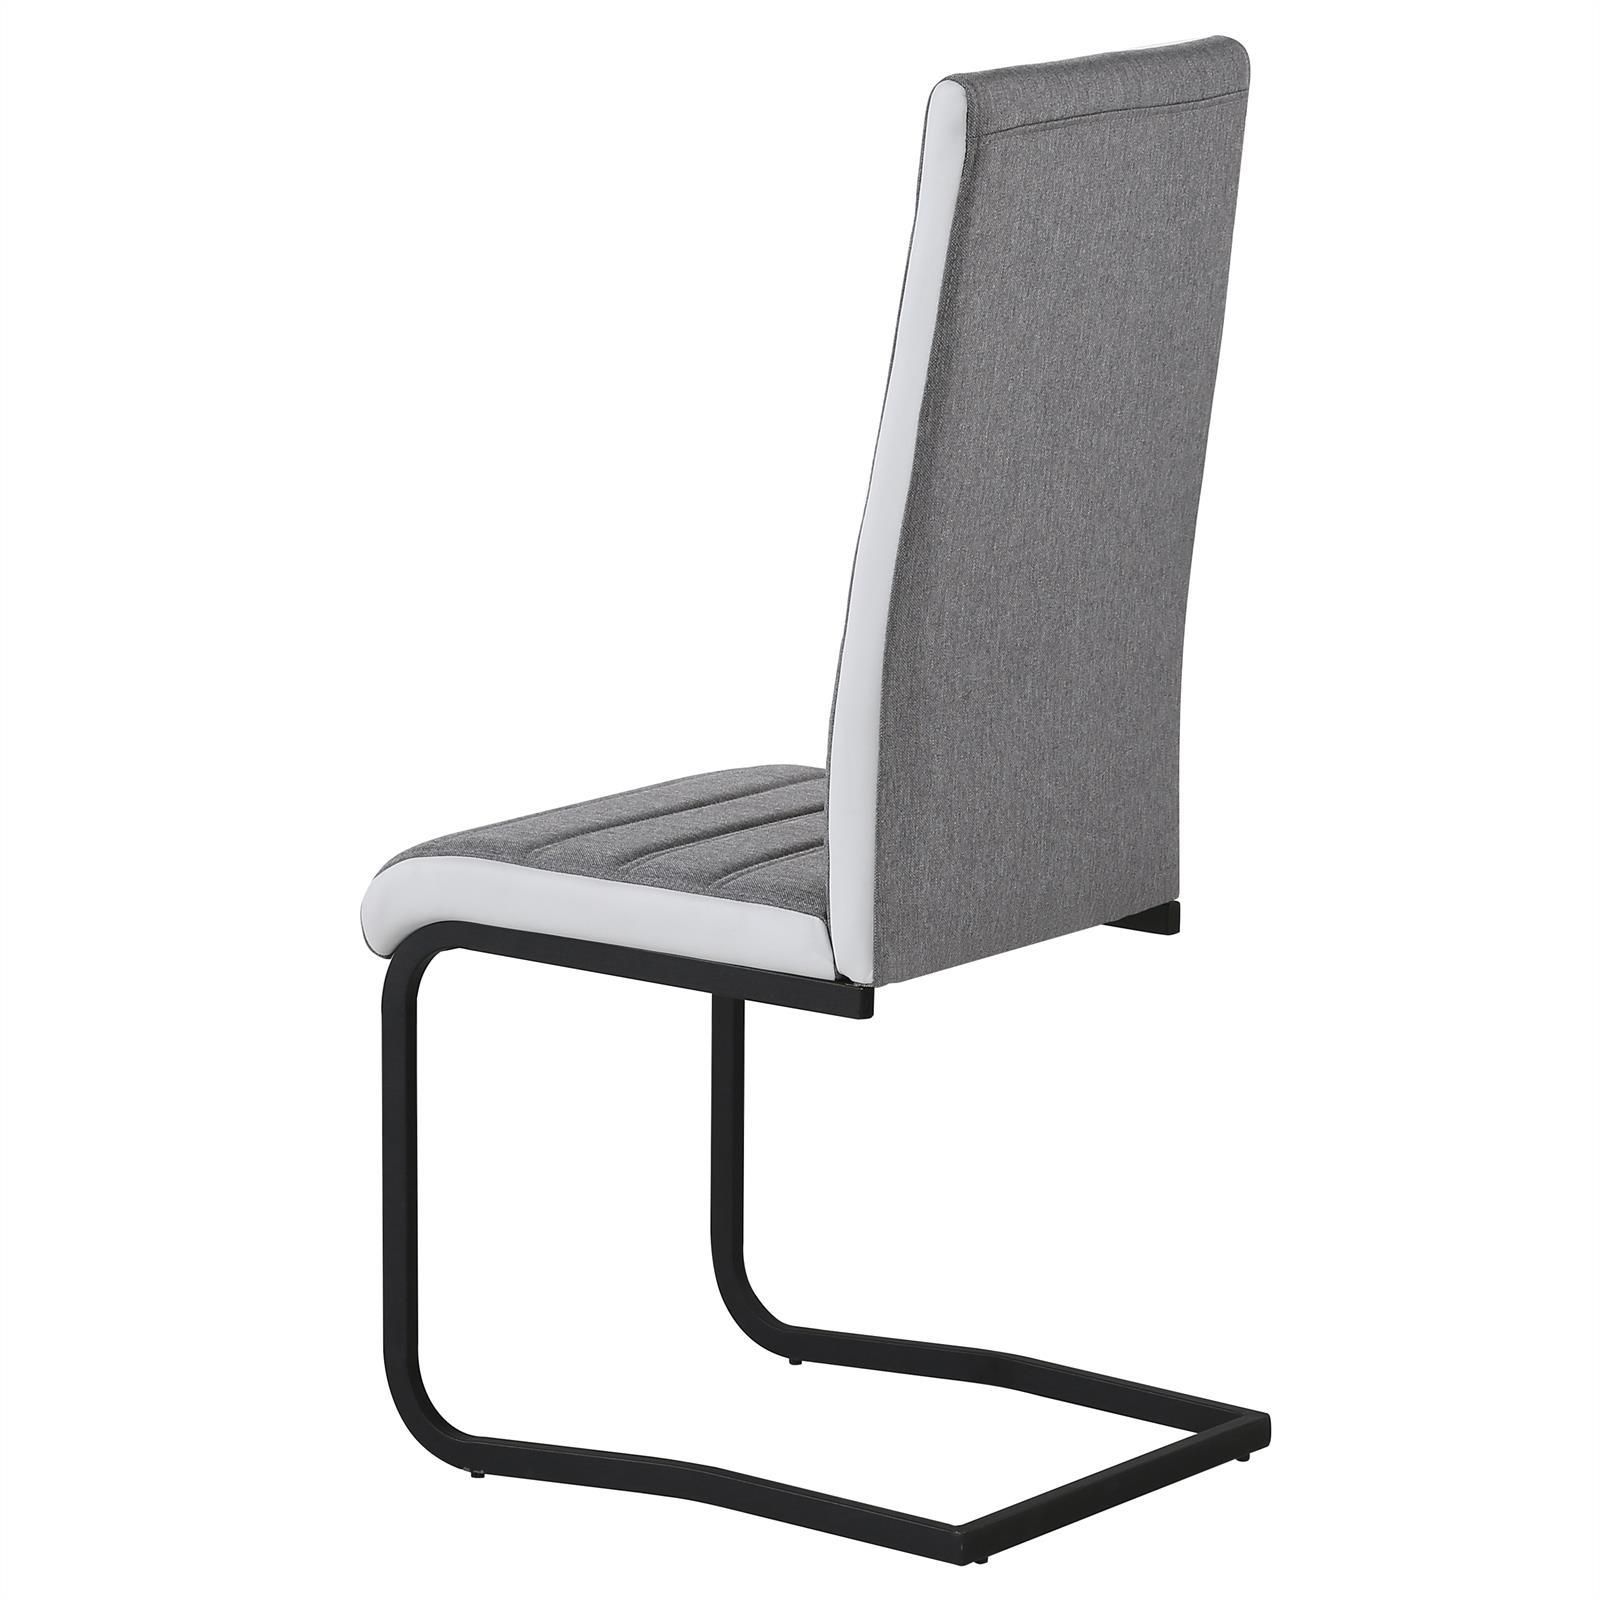 4er set k chenstuhl esszimmer stuhl schwingstuhl. Black Bedroom Furniture Sets. Home Design Ideas